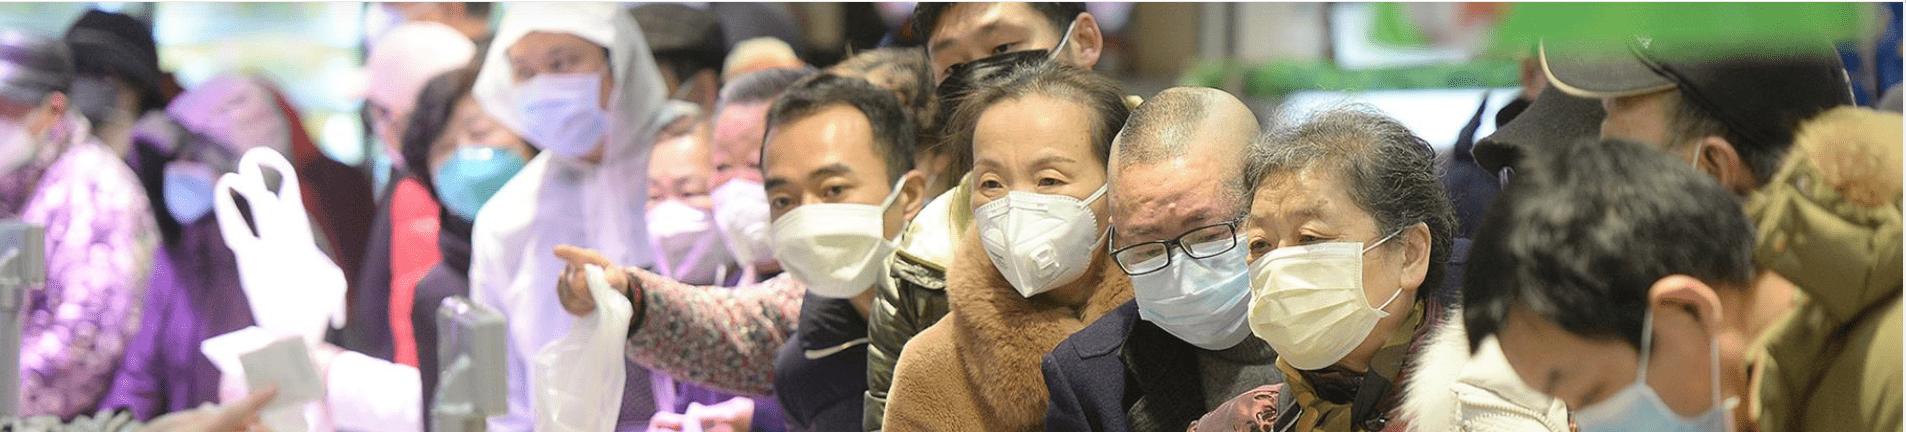 China coronavirus Latest Updates